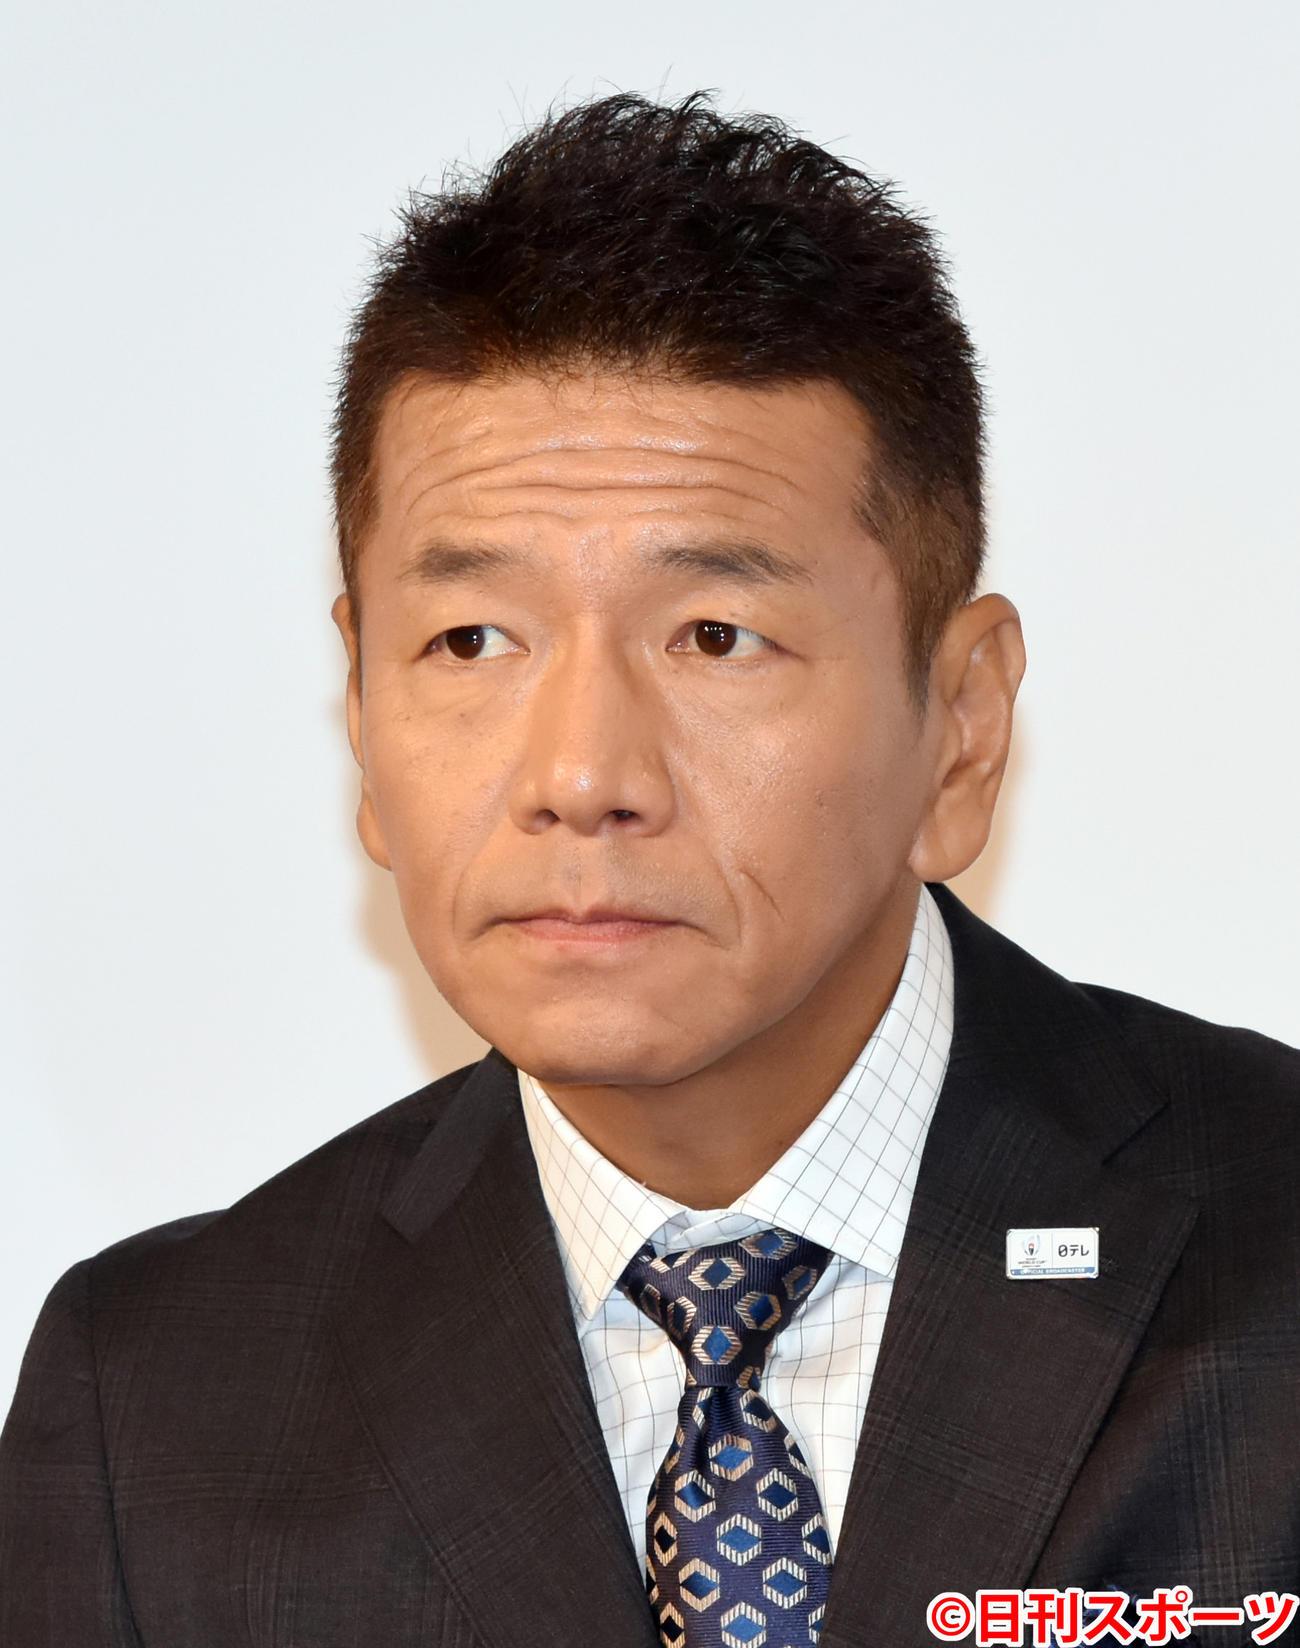 上田晋也(2019年8月27日撮影)